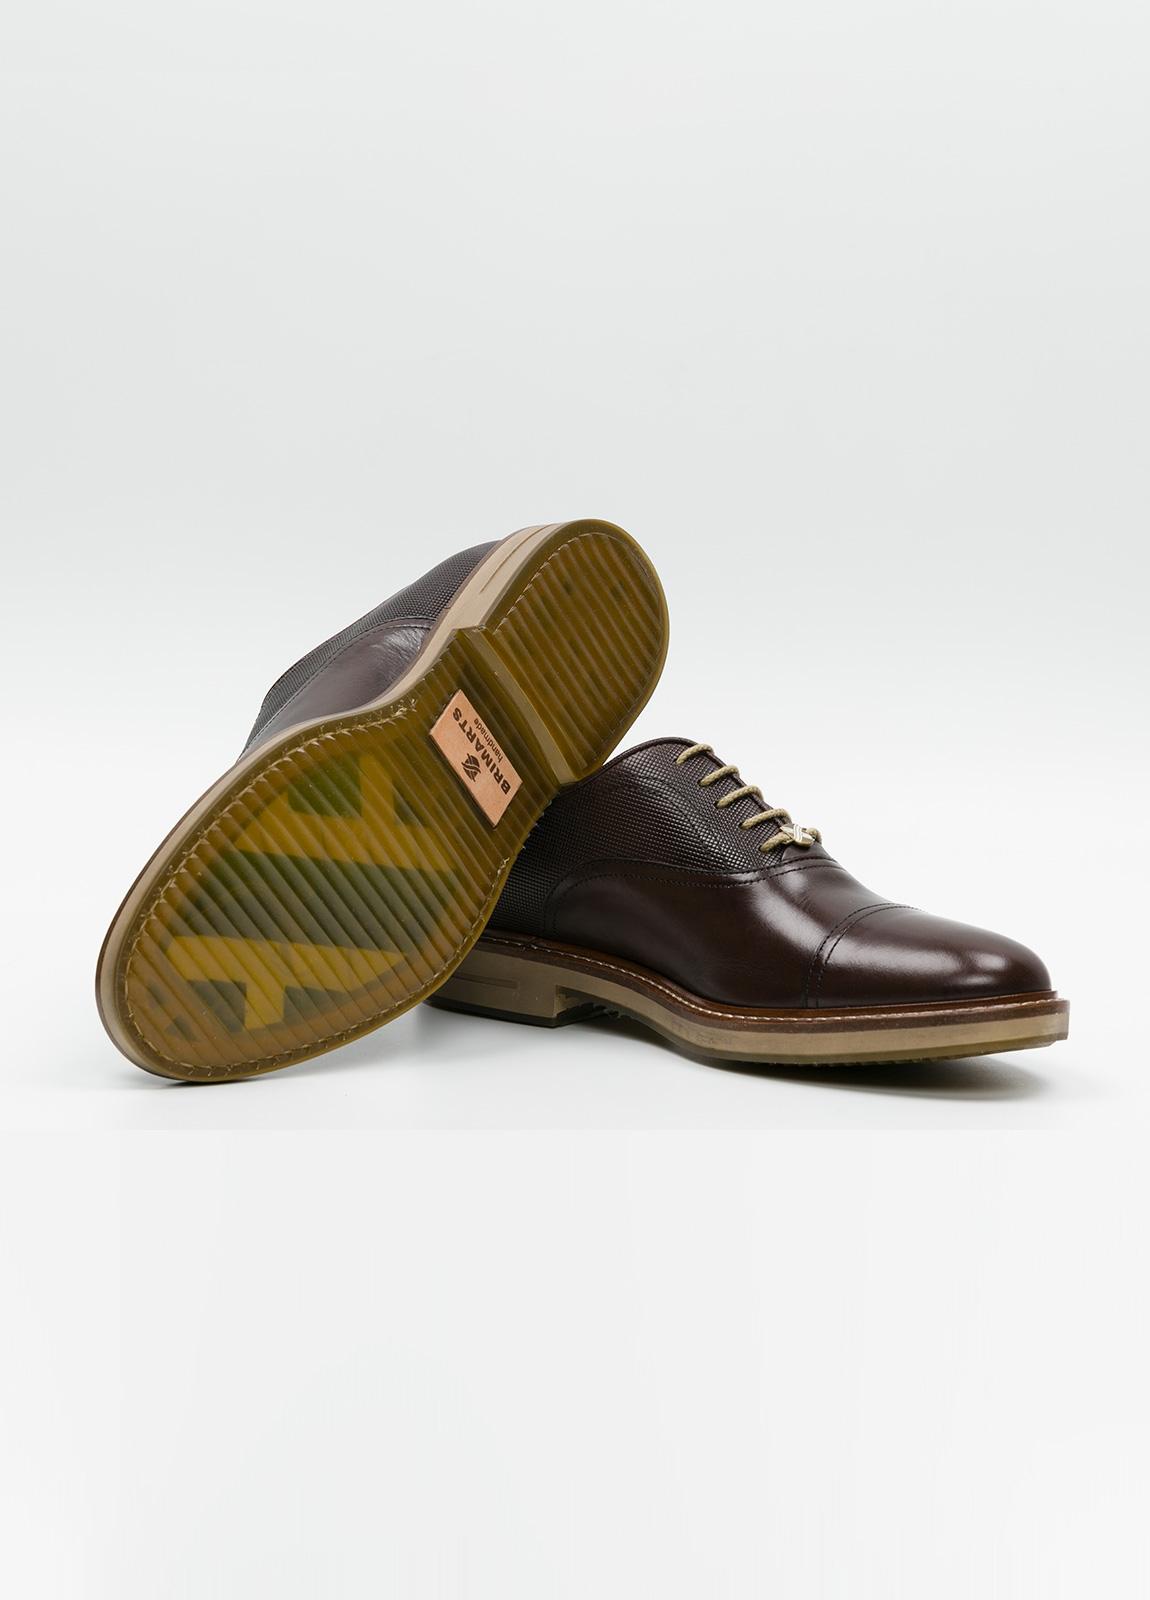 Zapato Formal Wear con cordones color marrón combinación de piel lisa y grabada. 100% Piel. - Ítem4